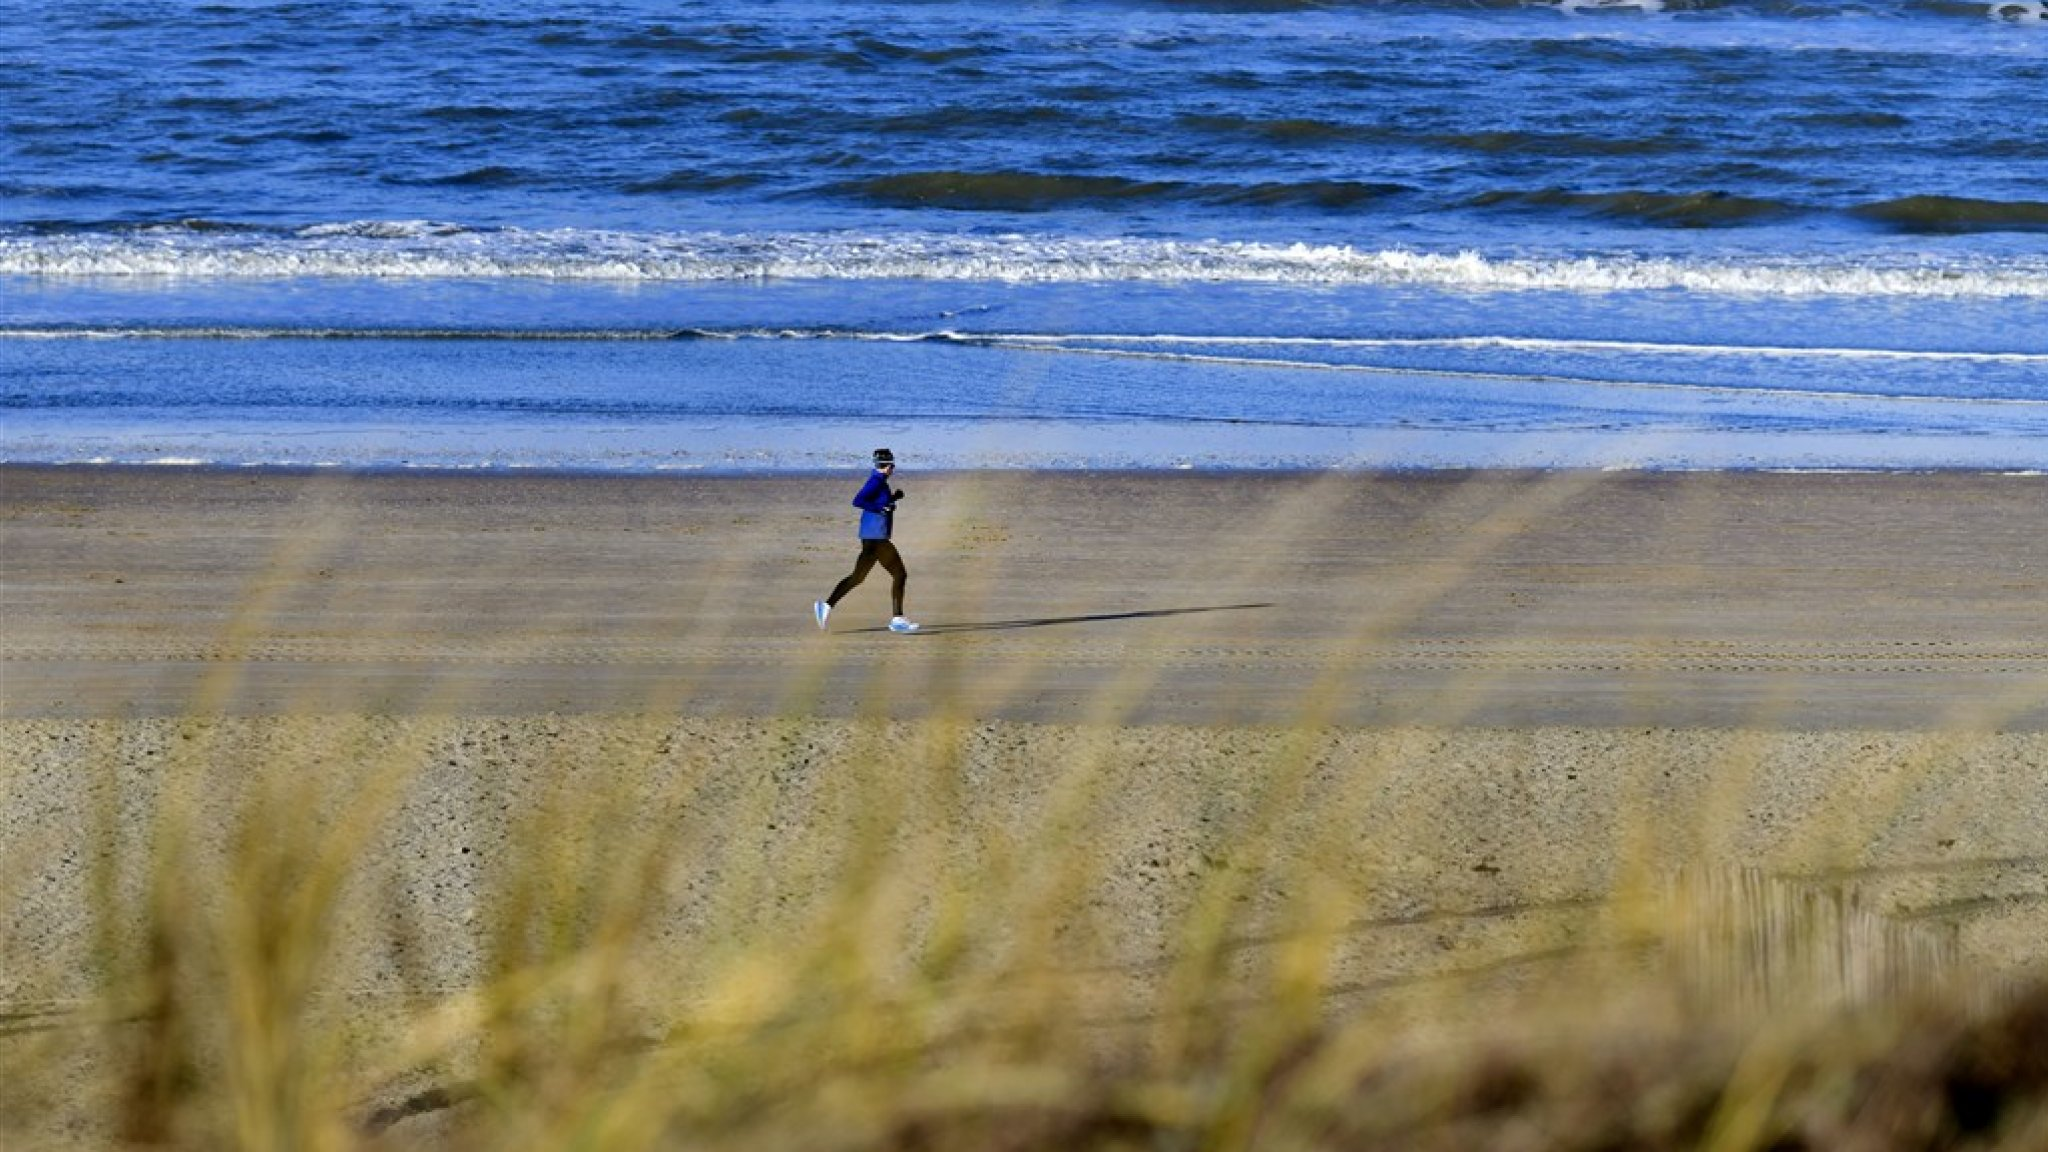 Noordzee wordt schoner: minder aangespoeld afval op strand - RTL Nieuws